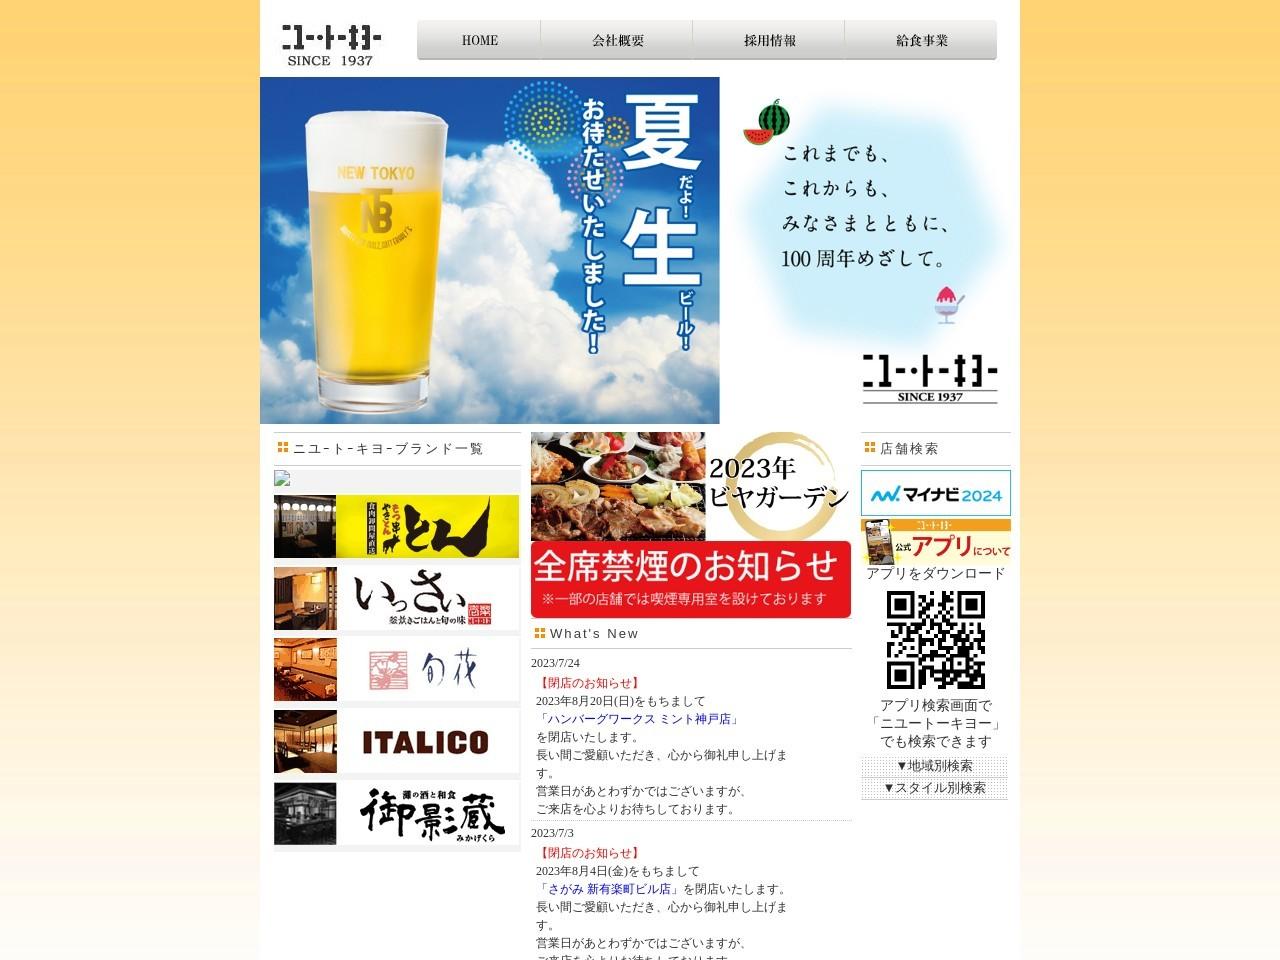 オペラシティスカイウインドウズ海燕亭 - 飲食・レストラン(東京版)|有限會社blanc